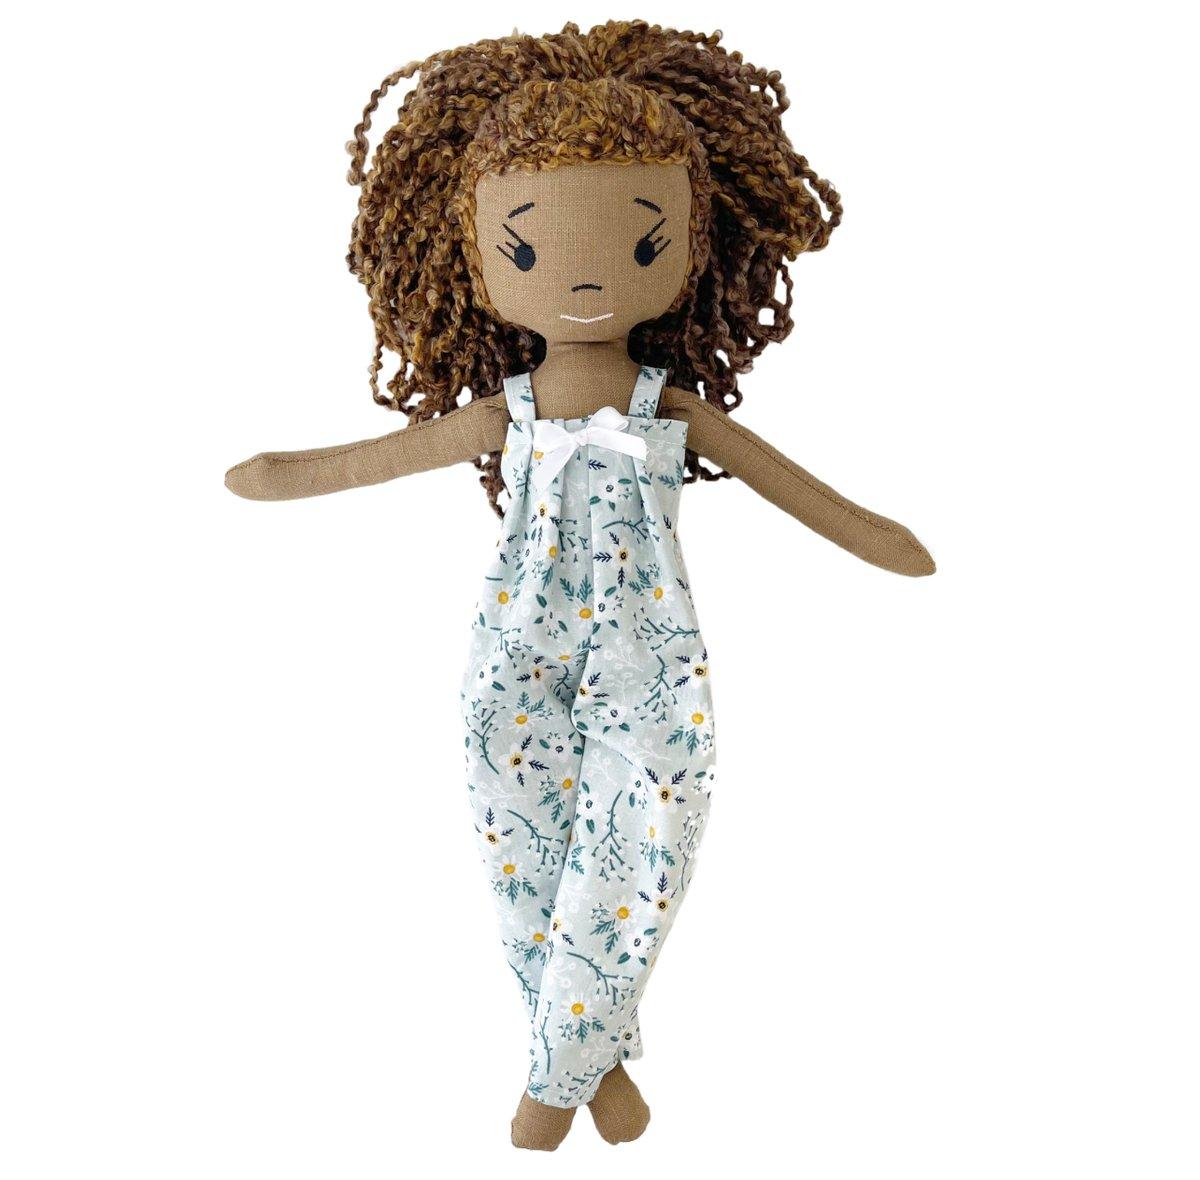 Luna Handmade Linen Doll (Waitlist Preorder Item - ship date Oct 1-Mar 30,2022)